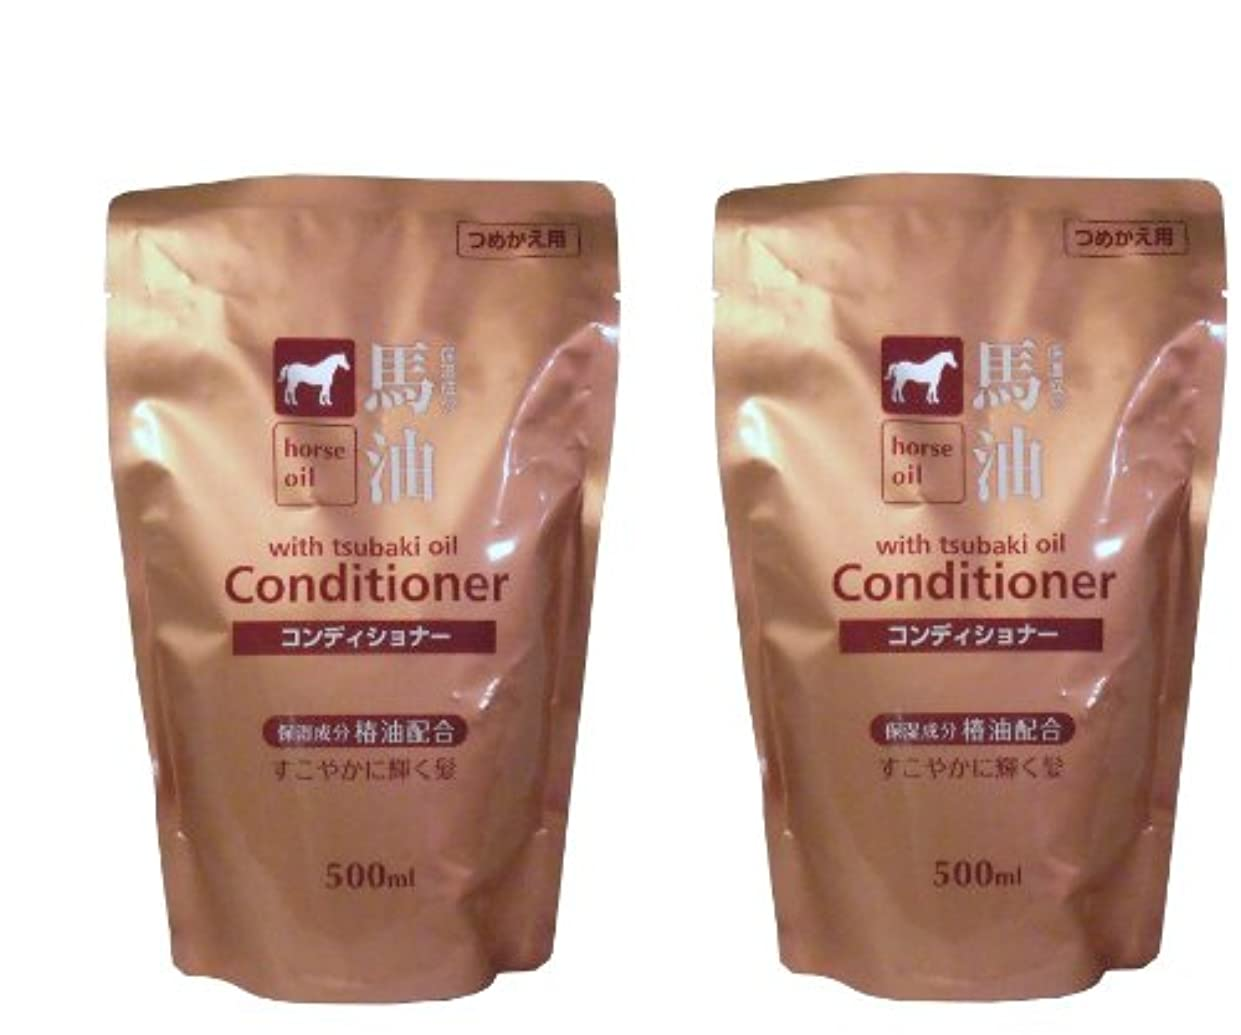 コールド匹敵します受粉者馬油コンディショナー 椿油配合 詰替え用 2個セット(各500mL)  【日本製】